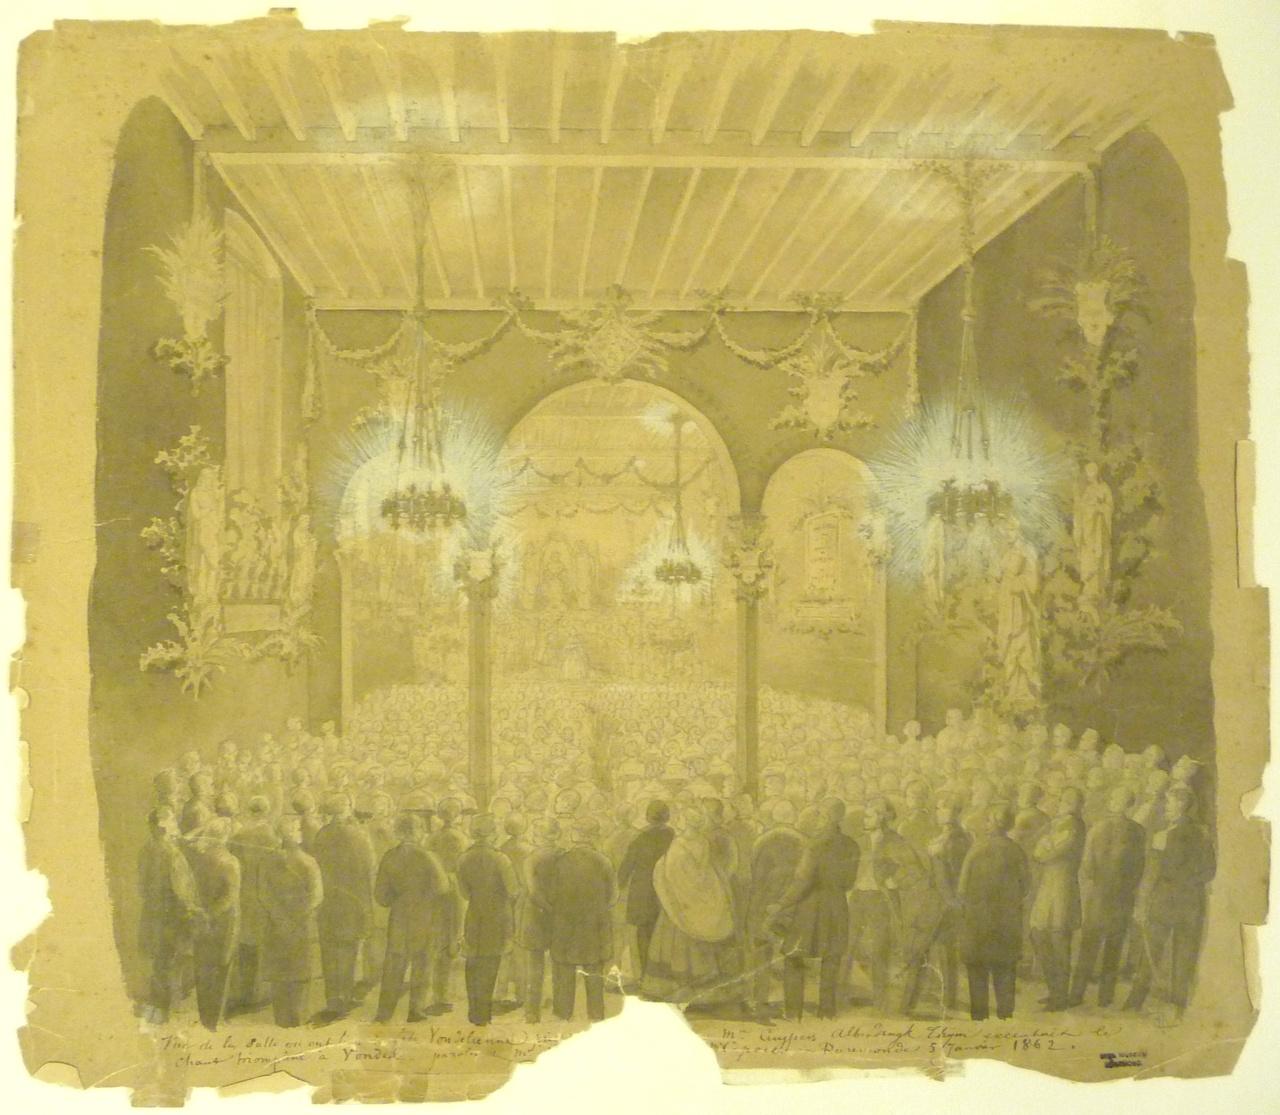 Tekening van het Vondelfeest in een zaal.